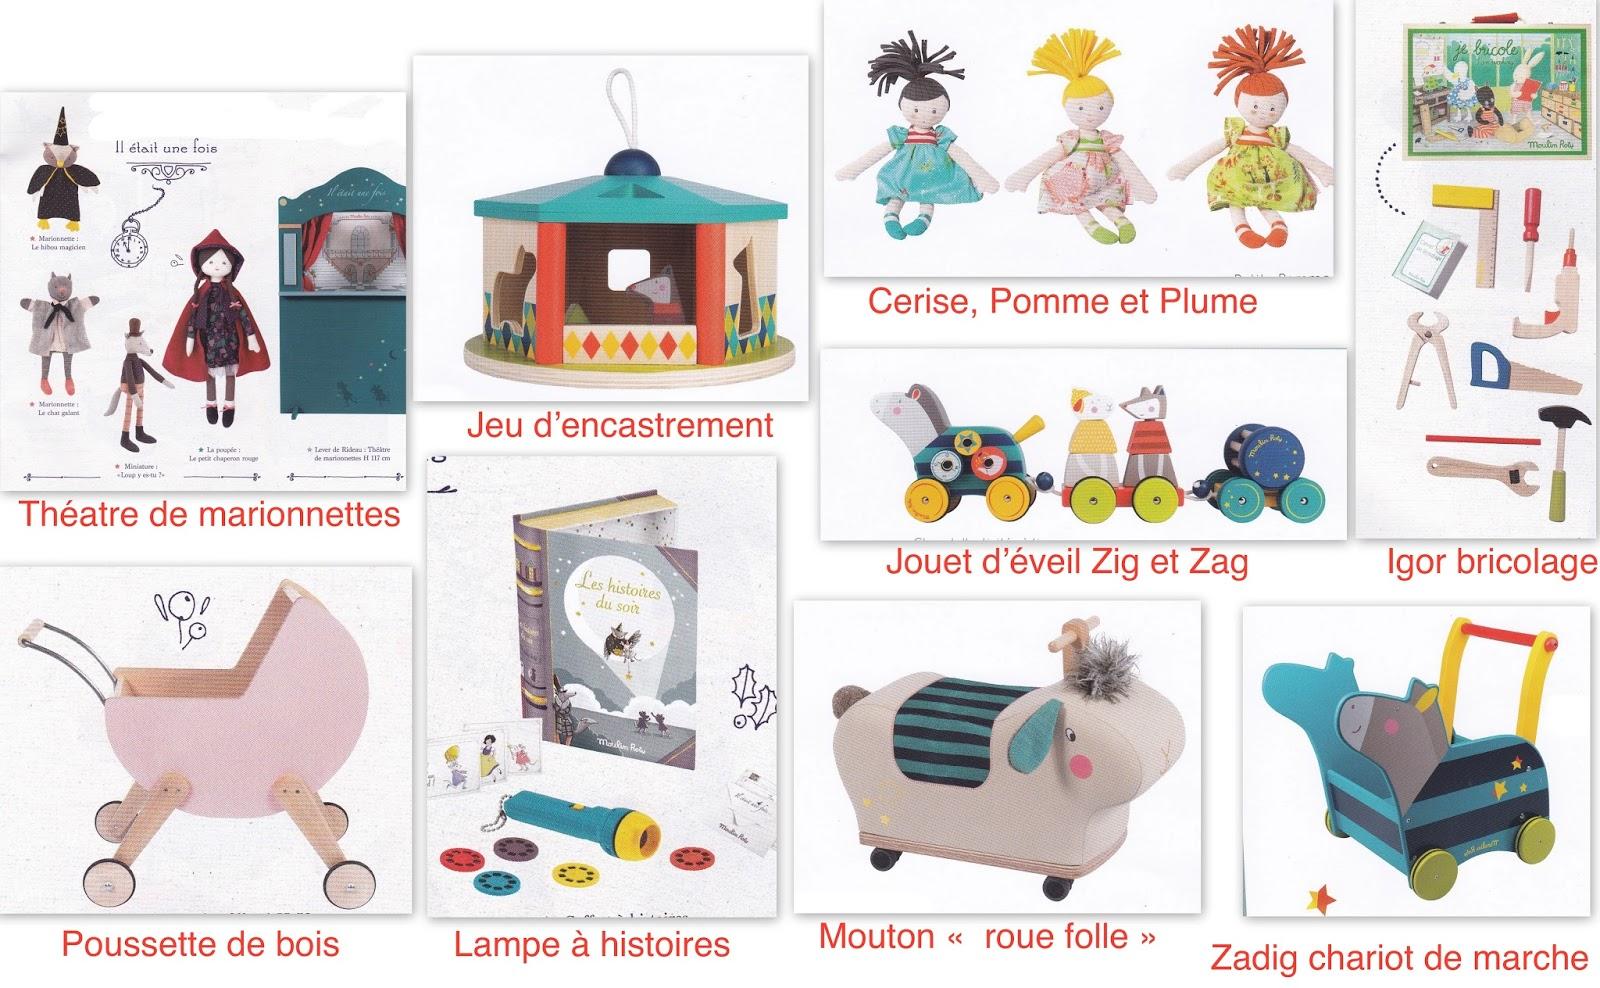 Je n avais pas imaginé que la gamme de Moulin Roty pouvait être aussi  complète  vêtements Les Petits Habits , marionnettes ( avec théâtre ),  adorables ... 4c0225084b4d